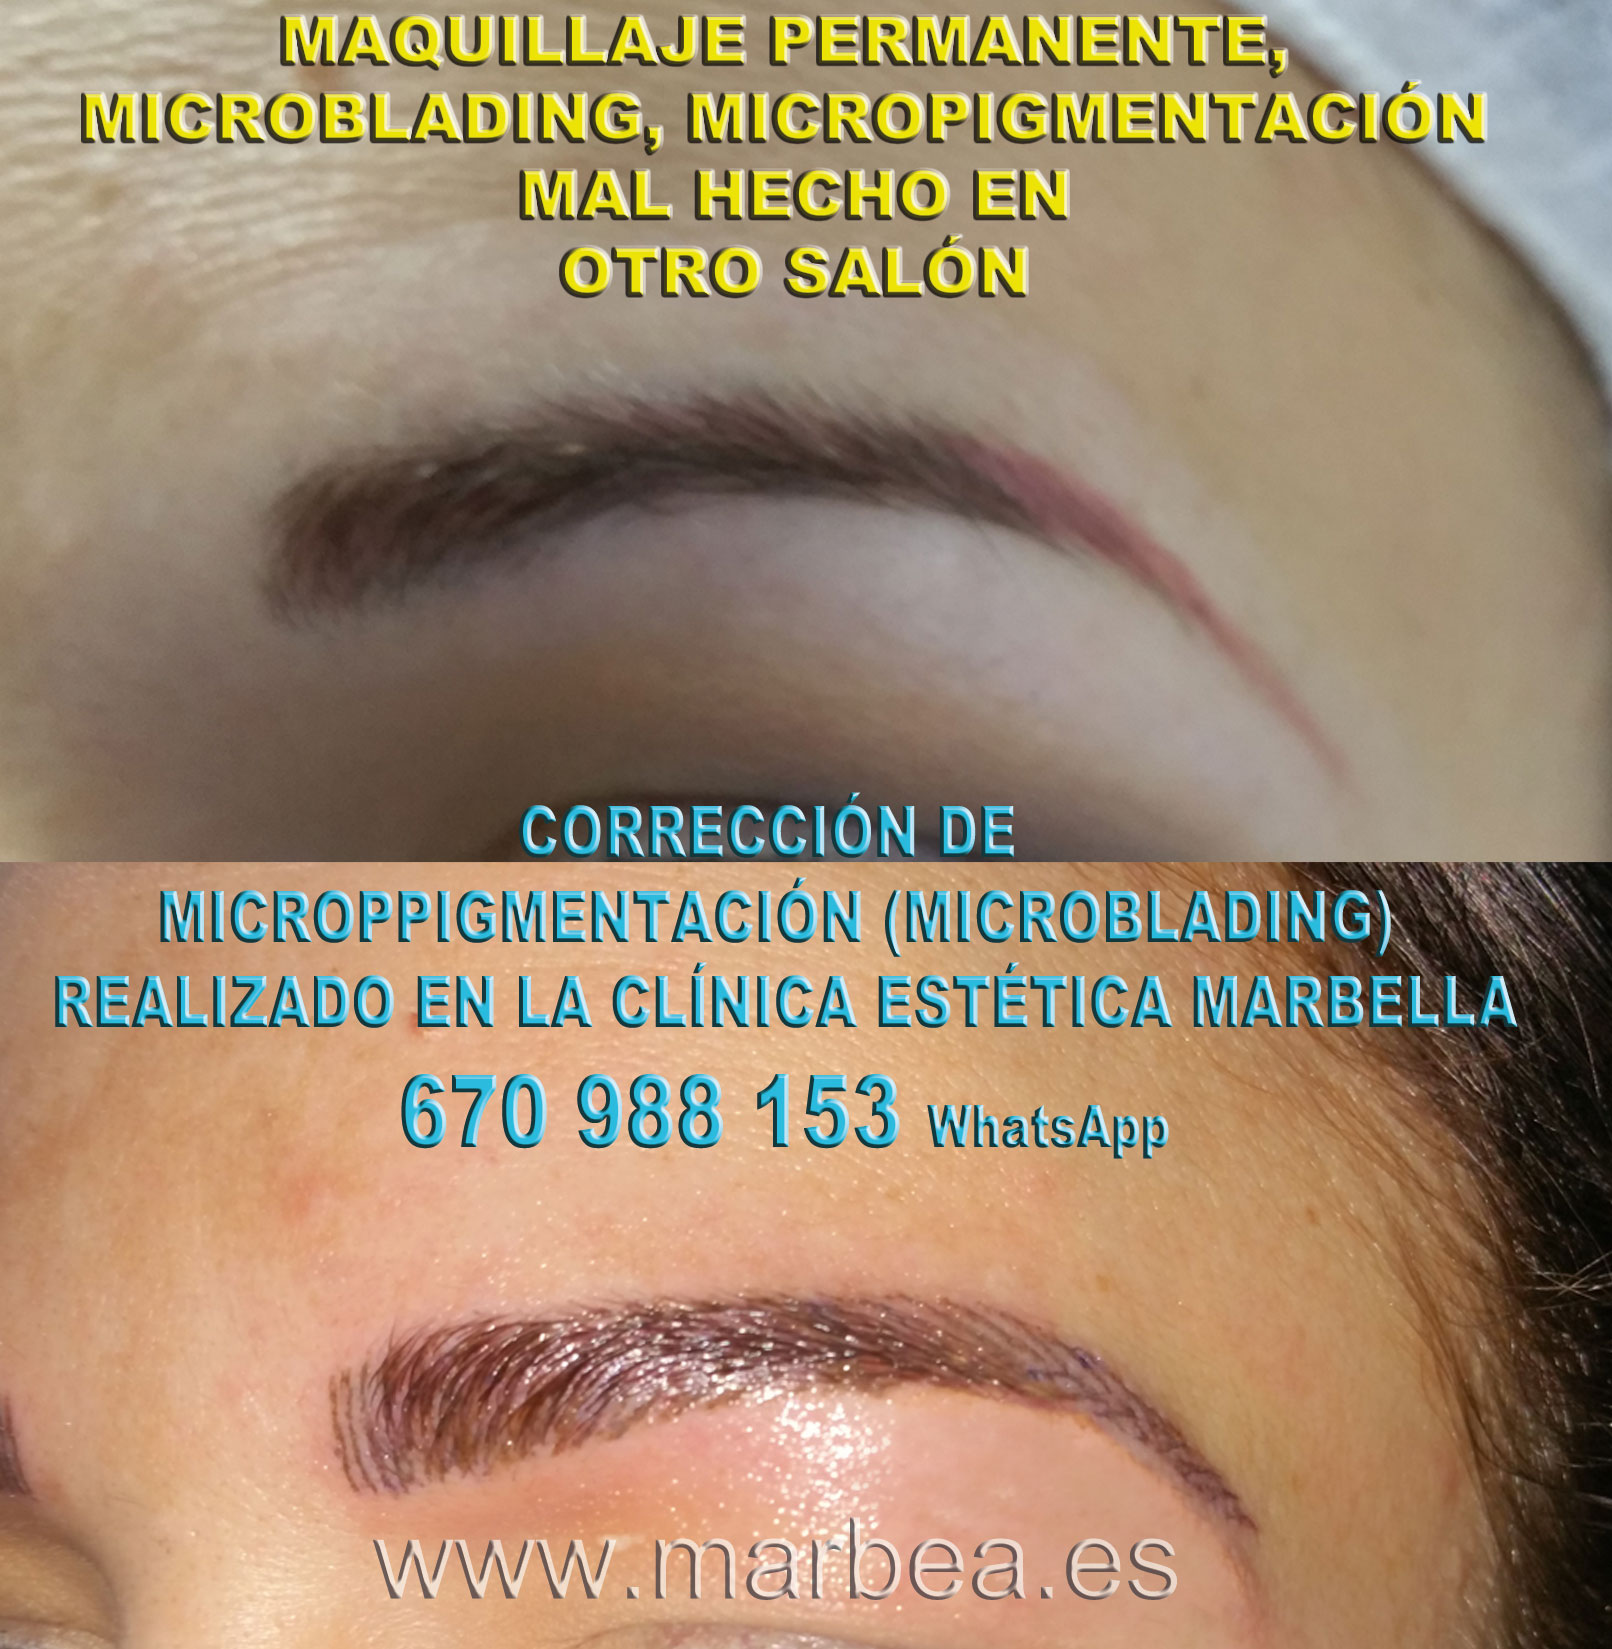 MAQUILLAJE PERMANENTE CEJAS MAL HECHO clínica estética delineados entrega corrección de micropigmentación en cejas,corregir micropigmentación no deseada